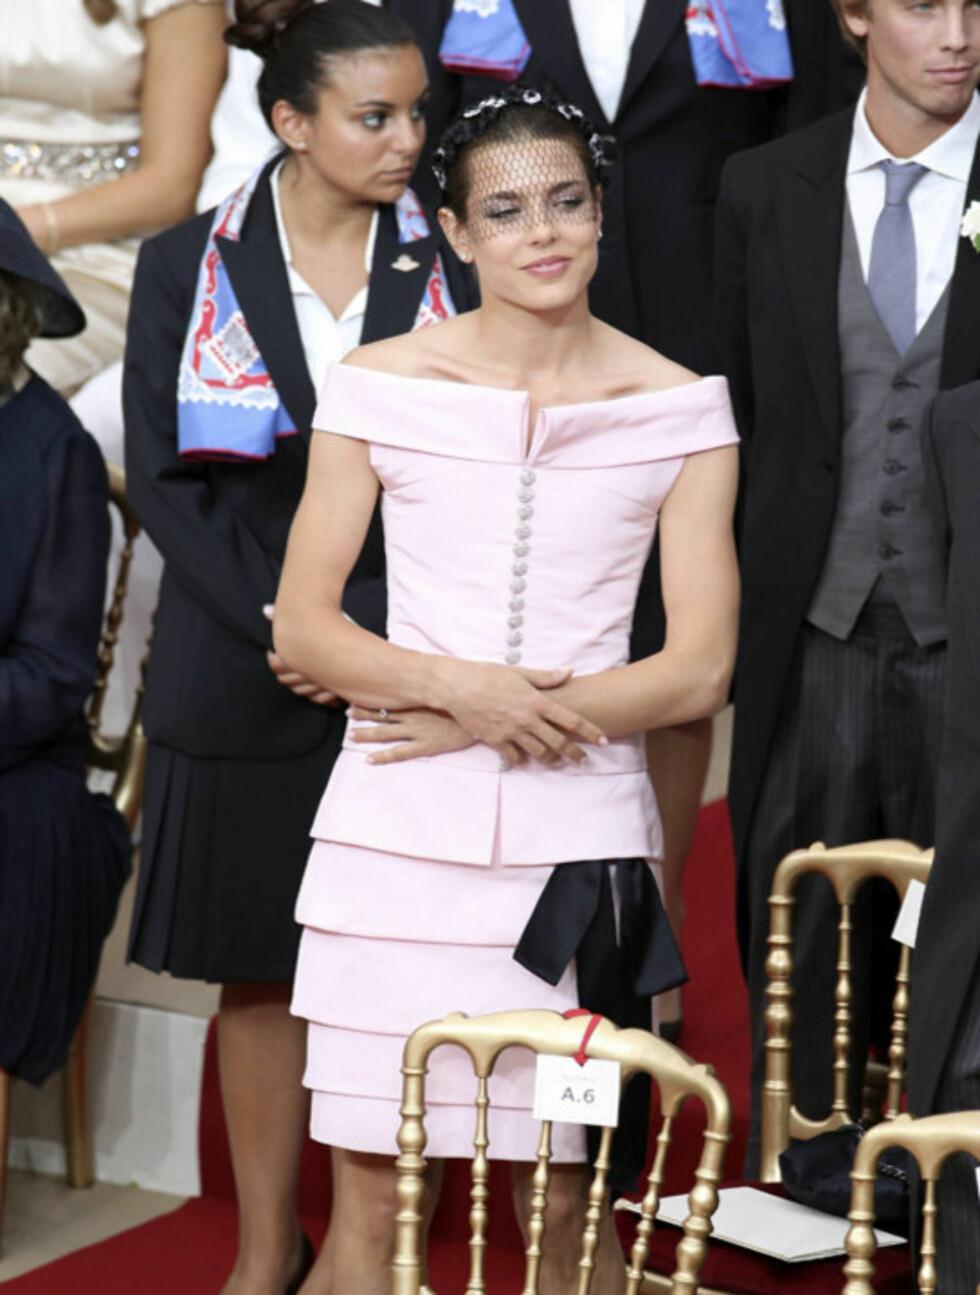 <strong>VAKKER:</strong> Prinsesse Charlotte Casiraghi var selvsagt til stede under den religiøse seremonien lørdag.  Foto: All Over Press/ABACAPRESS.COM